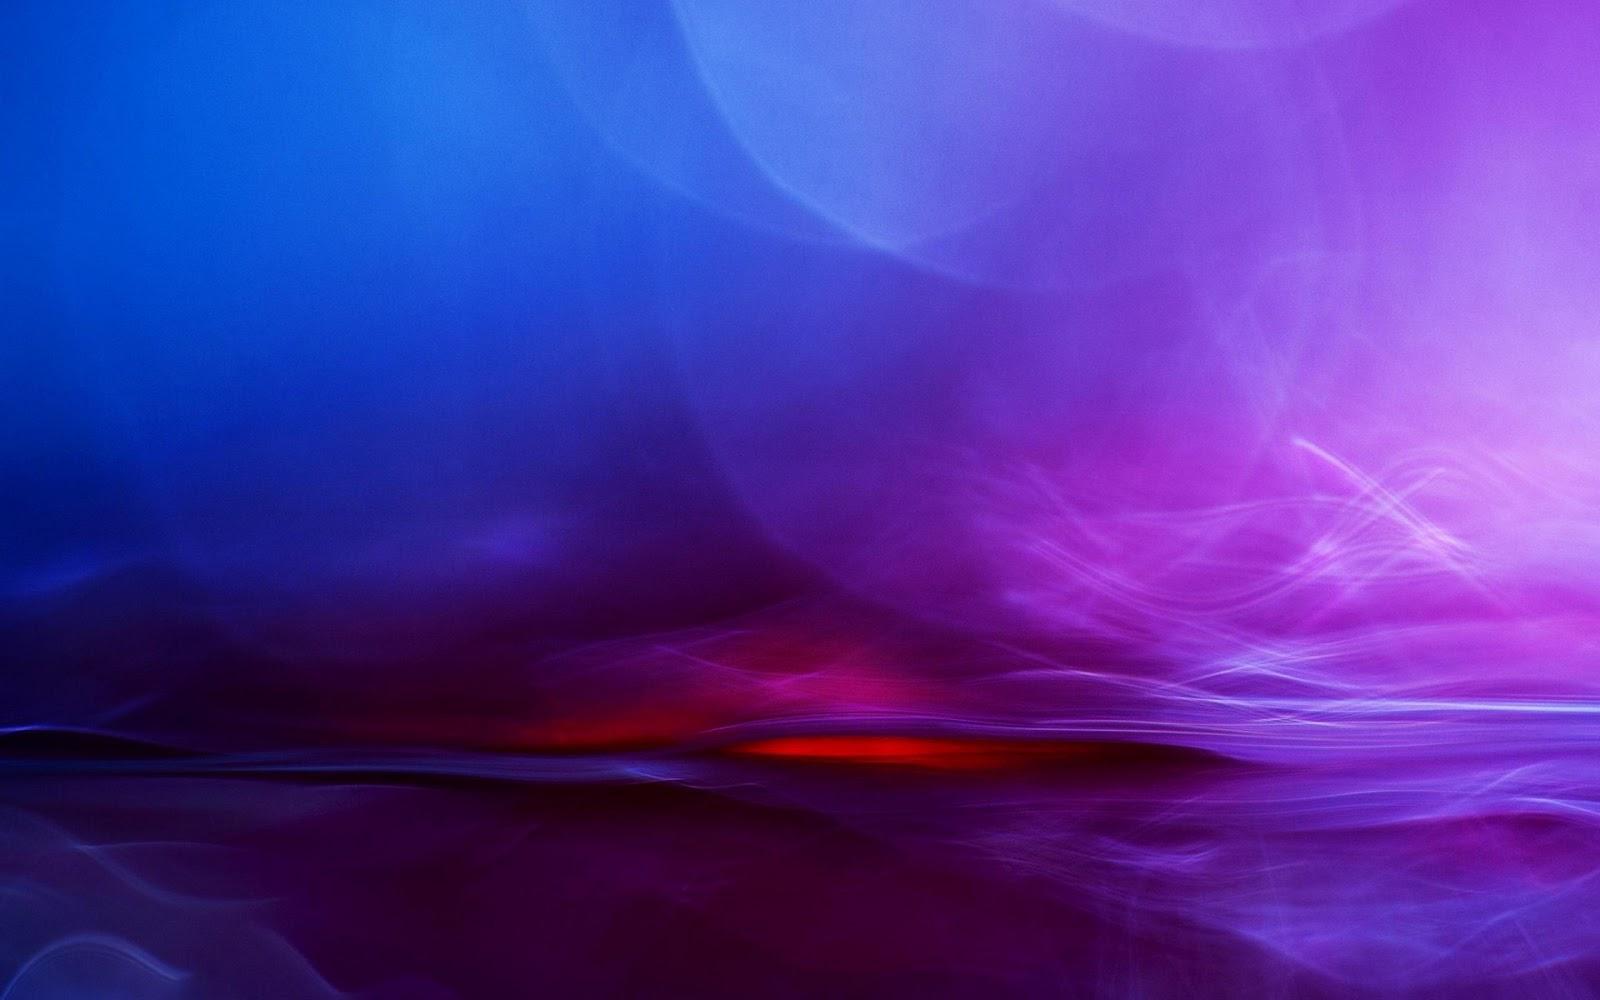 3d Iphone 7 Plus Wallpaper Paars Blauwe Abstracte Wallpaper Mooie Leuke